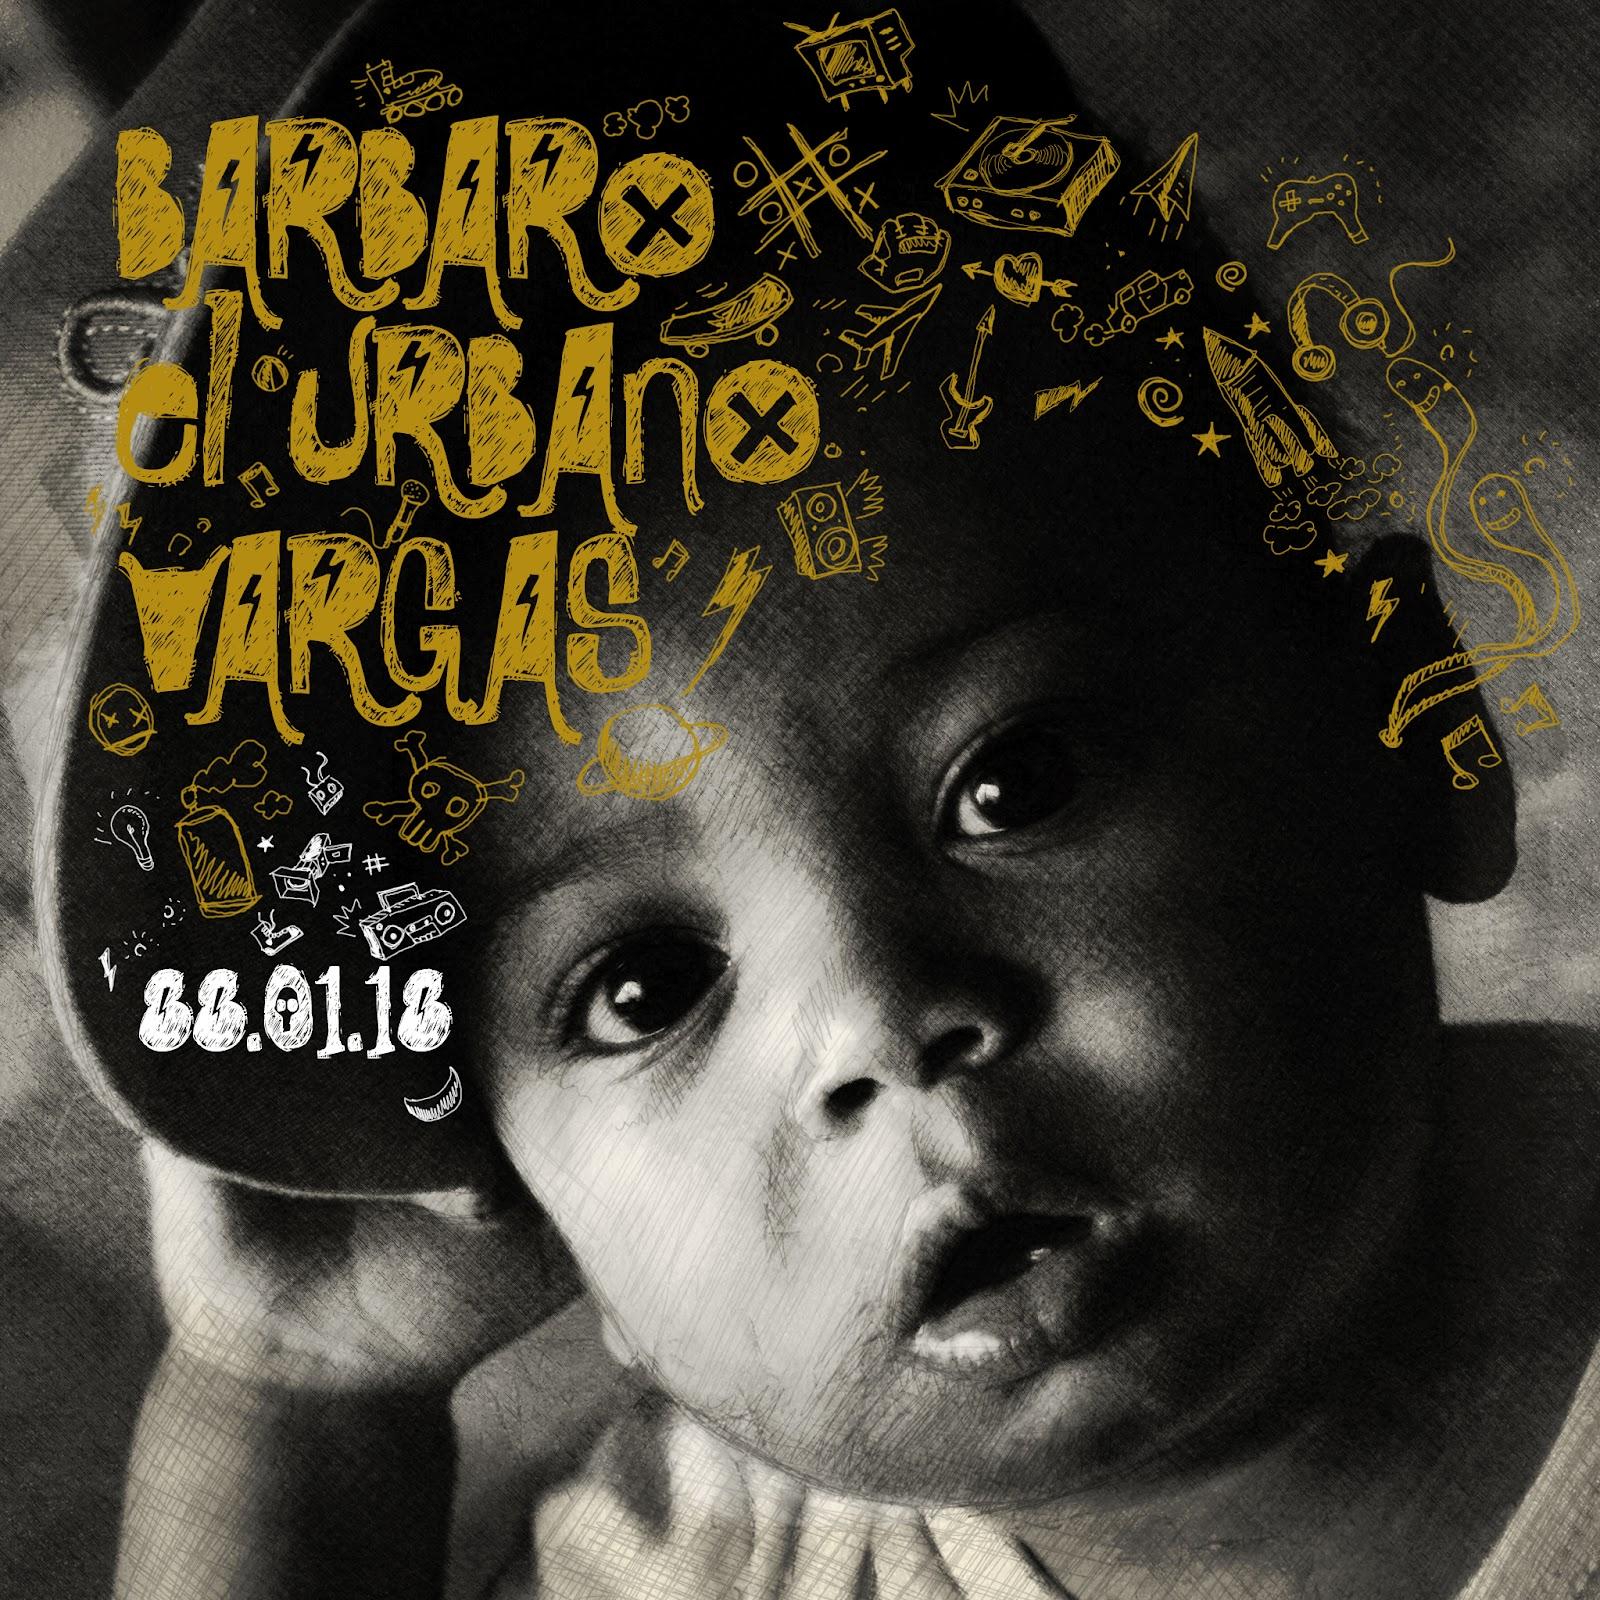 barbaro el urbano vargas 88.01.18